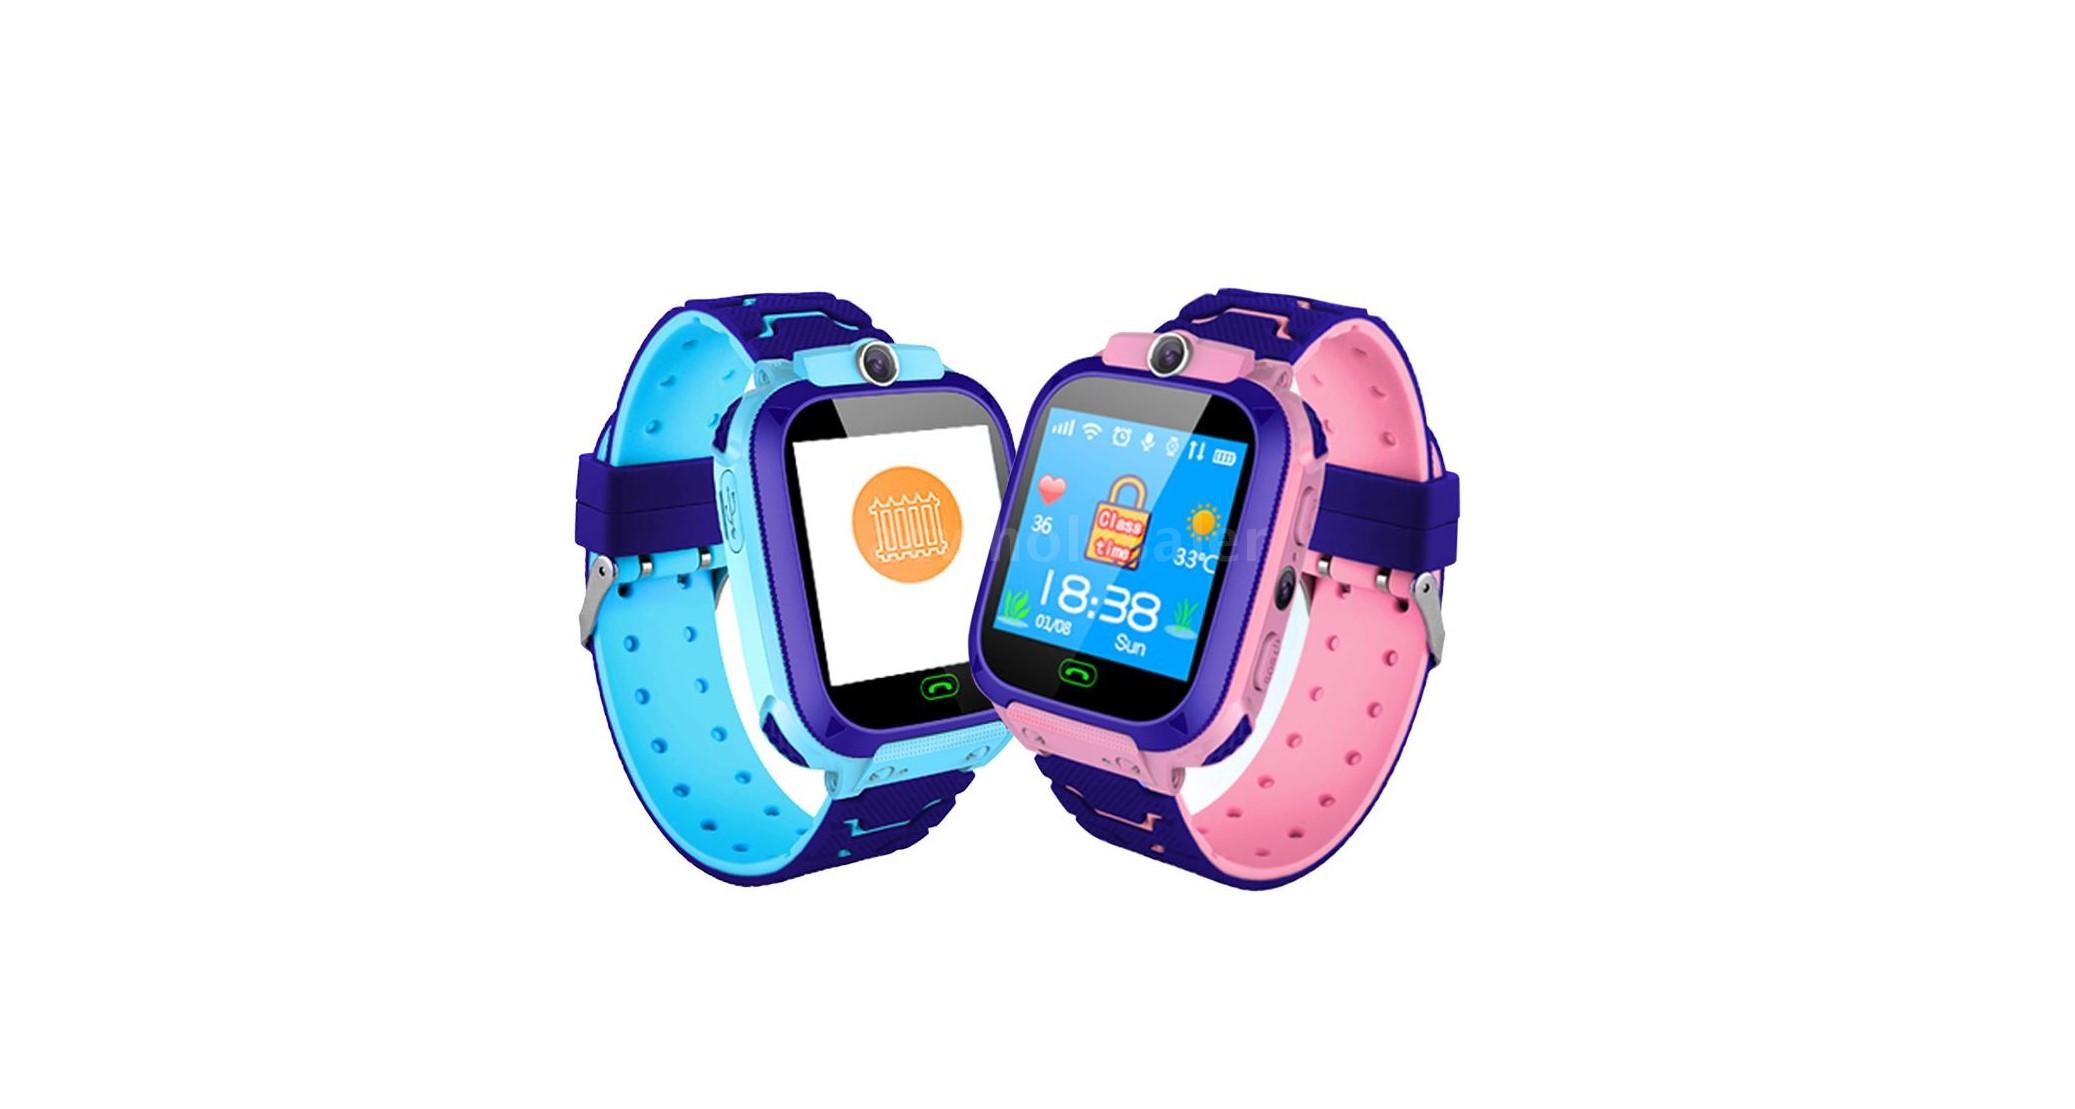 Chytré hodinky pro děti nyní jen za 230 Kč! [sponzorovaný článek]